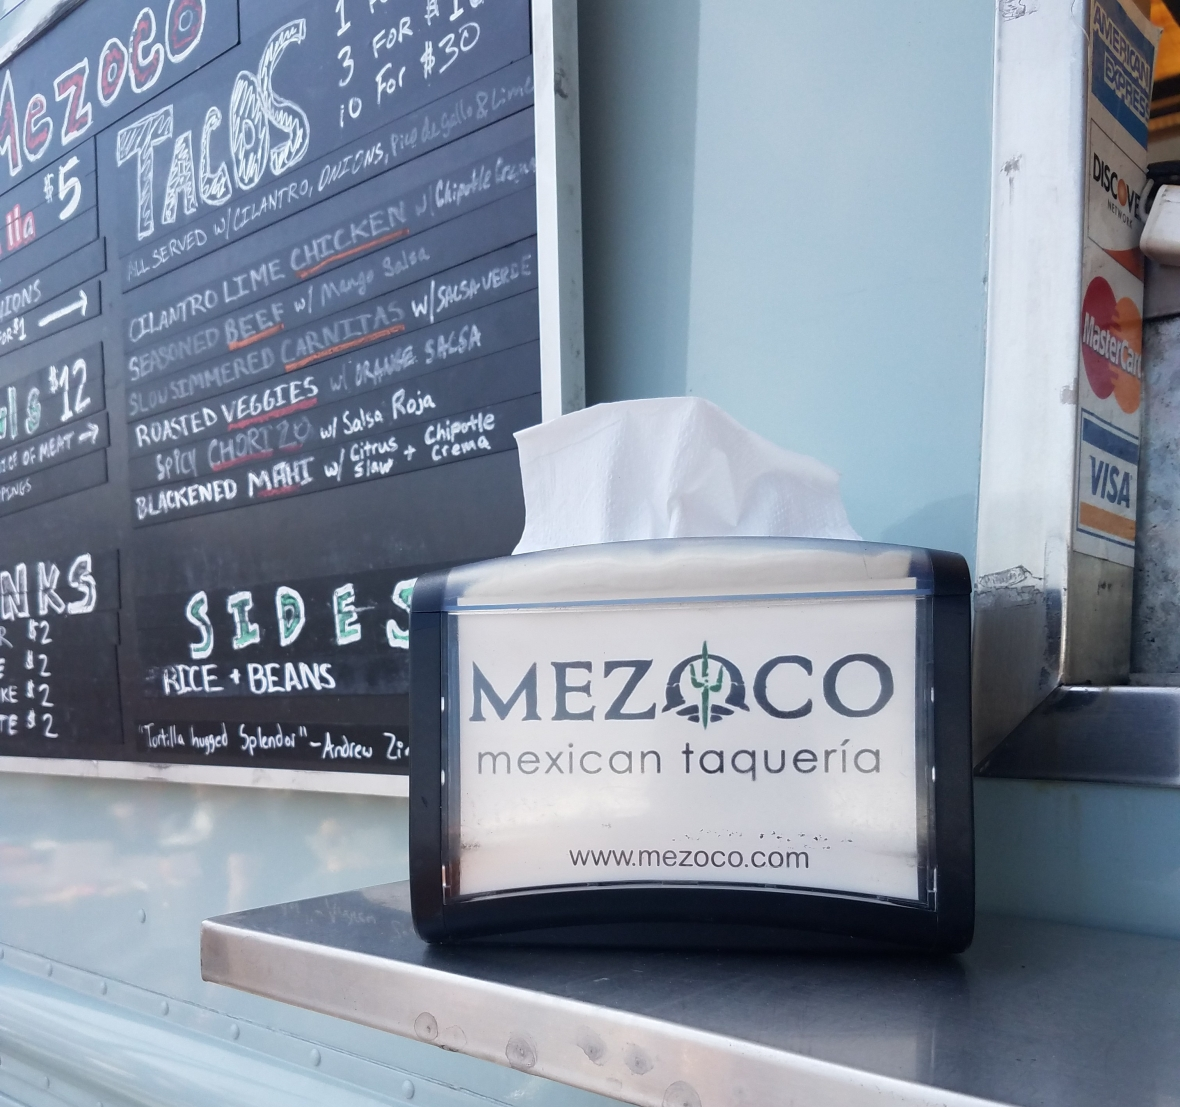 Mezoco Food Truck - Montclair, NJ